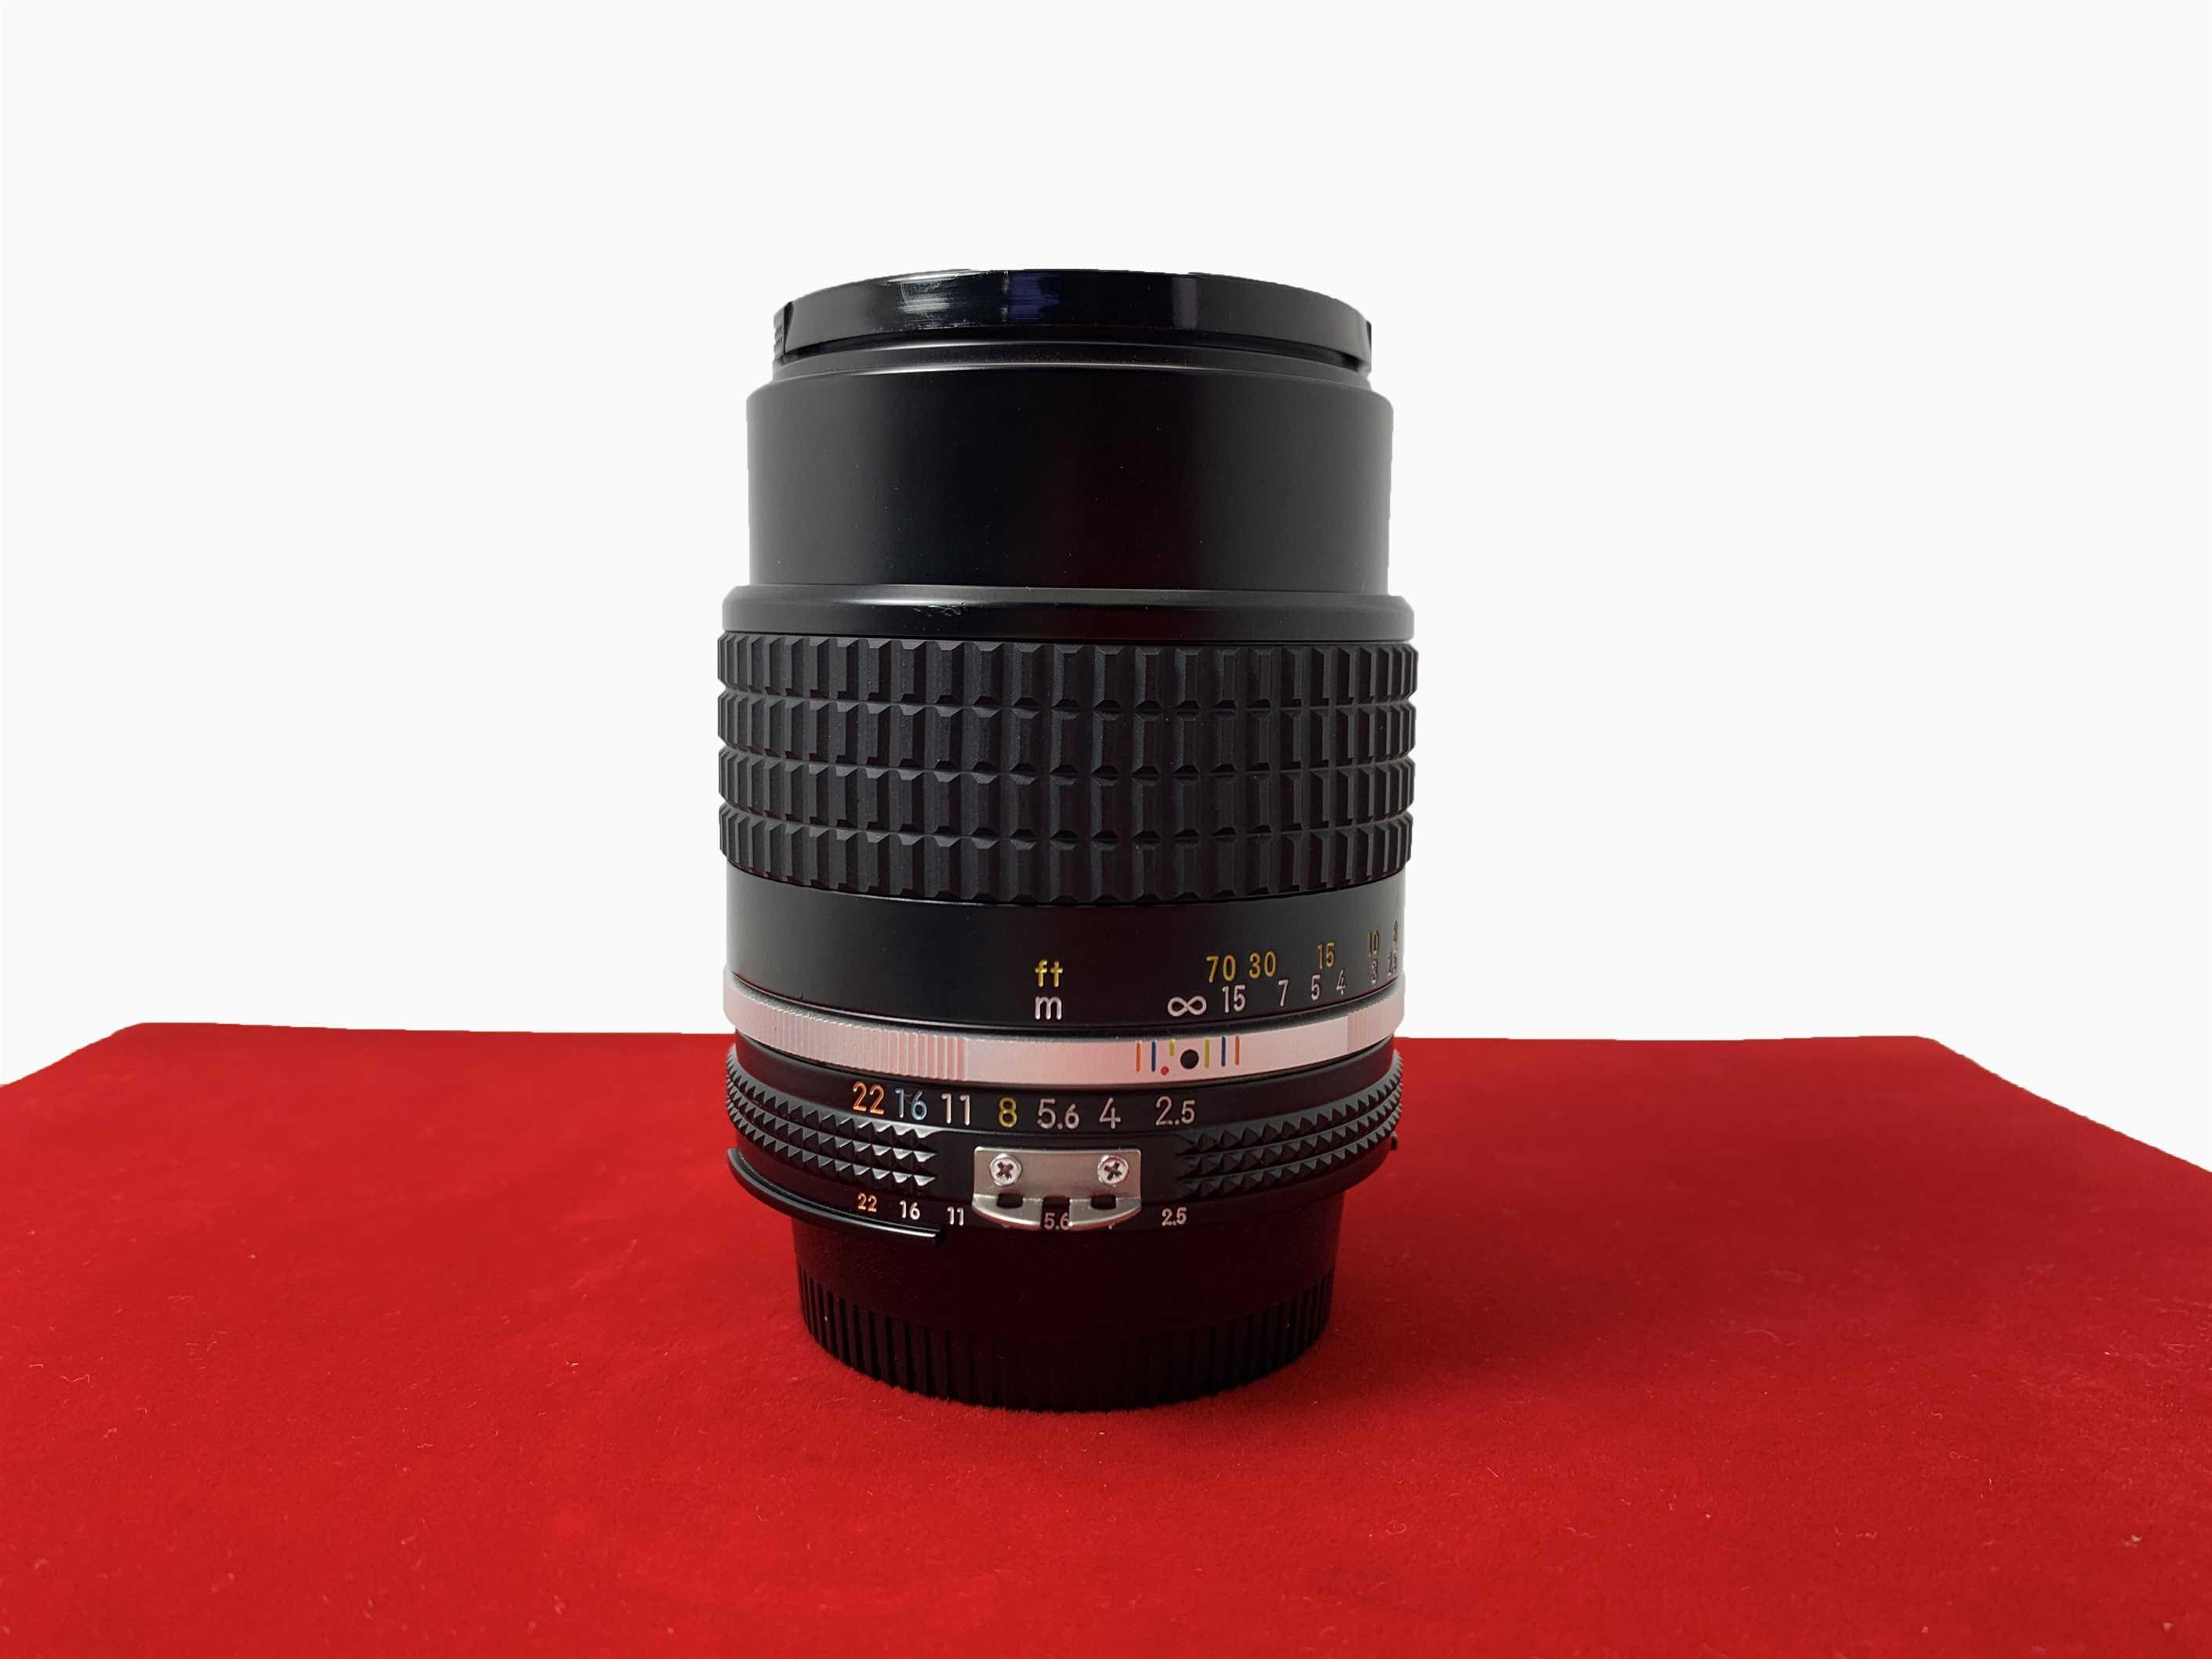 [USED-PJ33] Nikon 105mm F2.5 AIS, 95% Like New Condition (S/N:1036350)